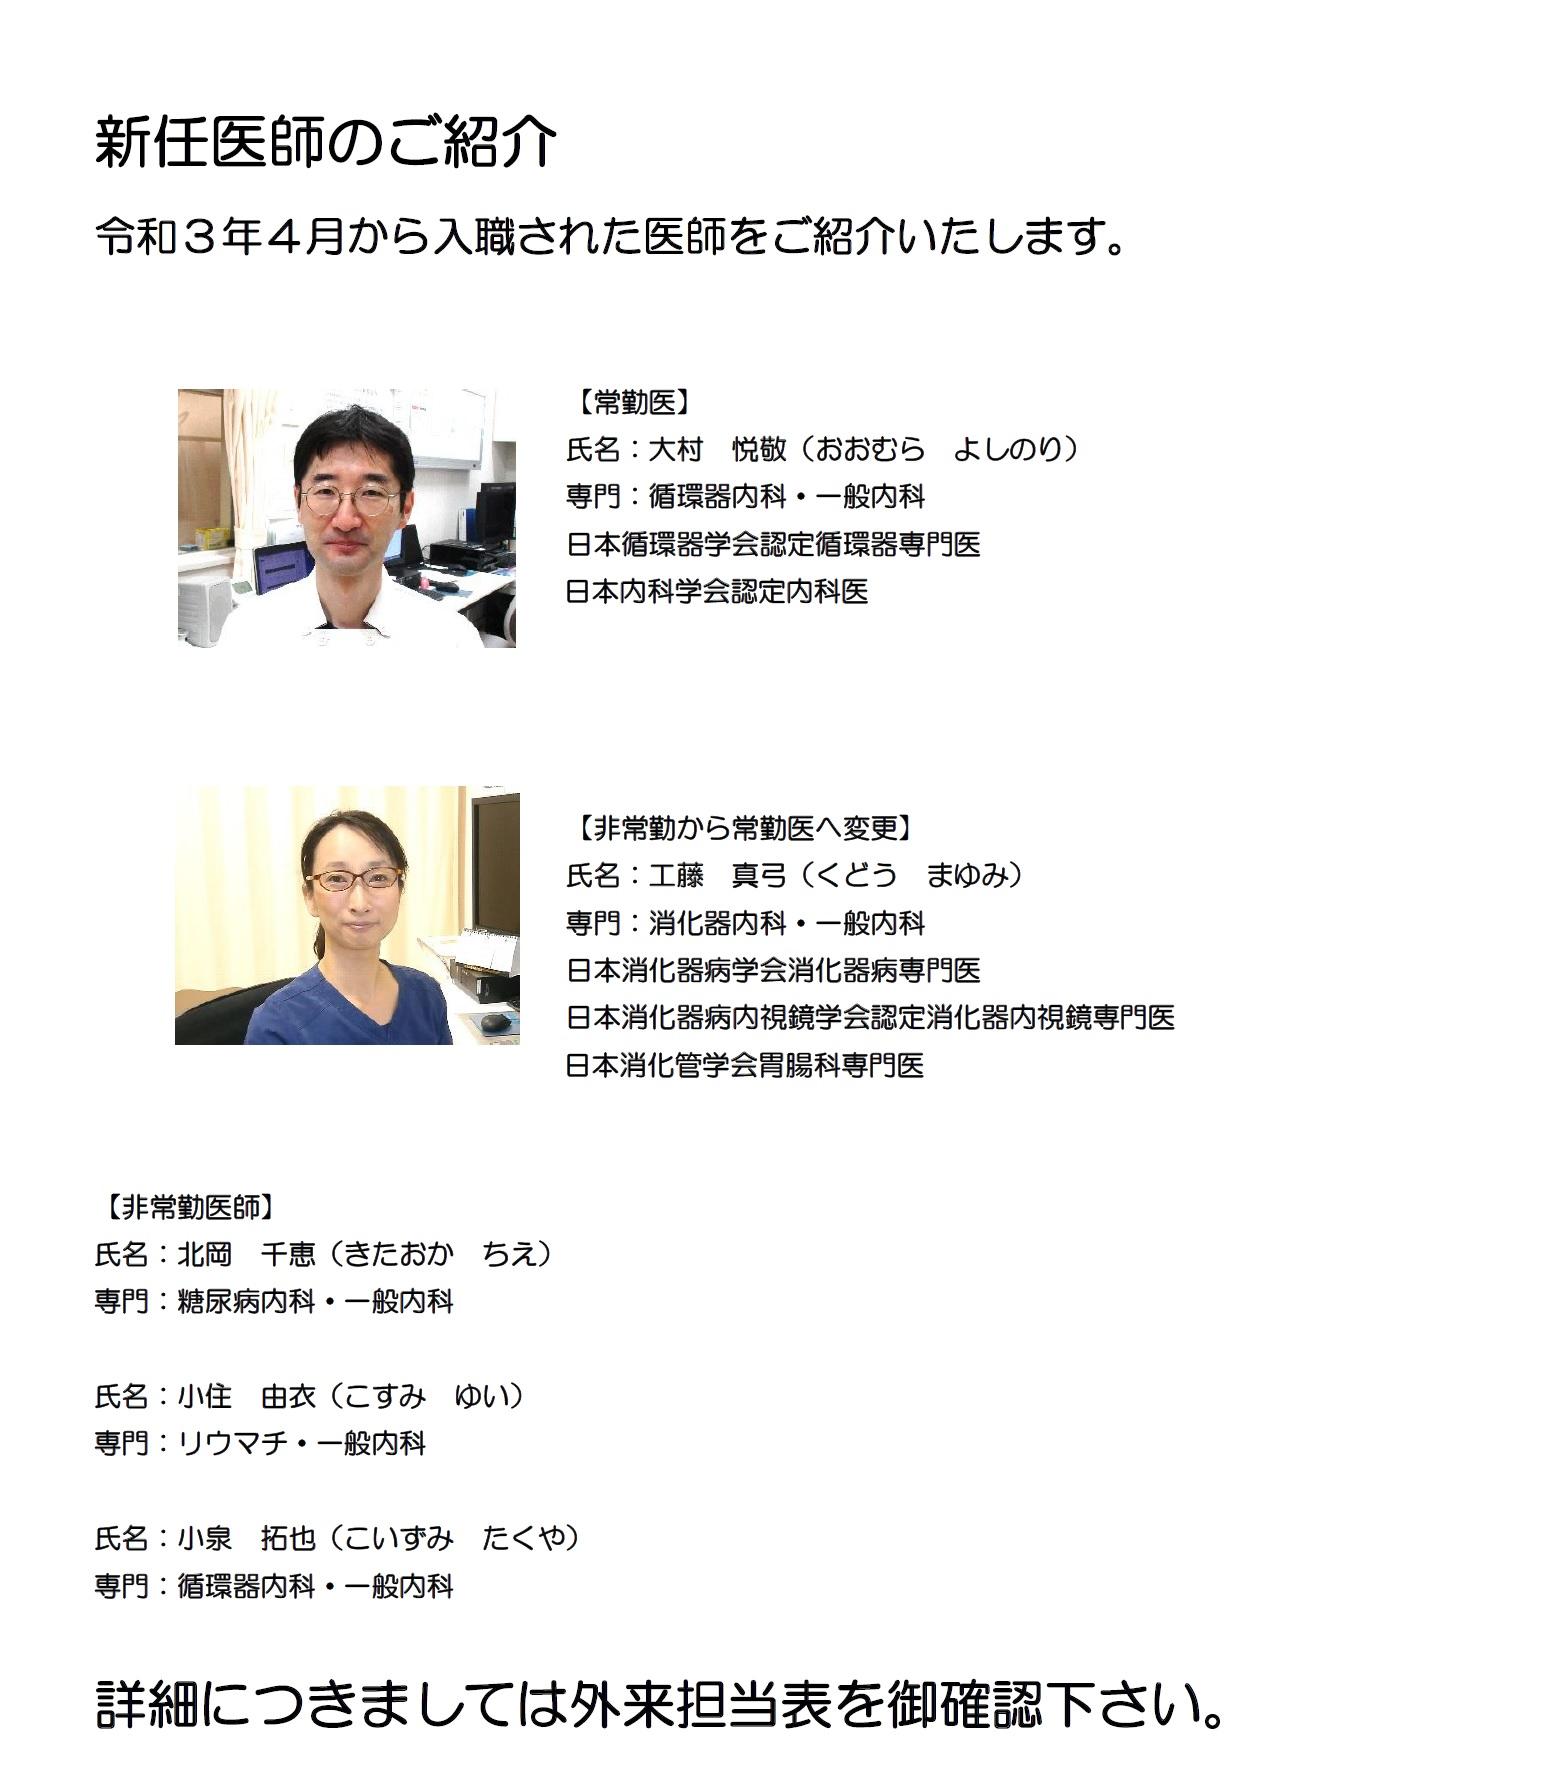 新任医師のご紹介(画像).jpg